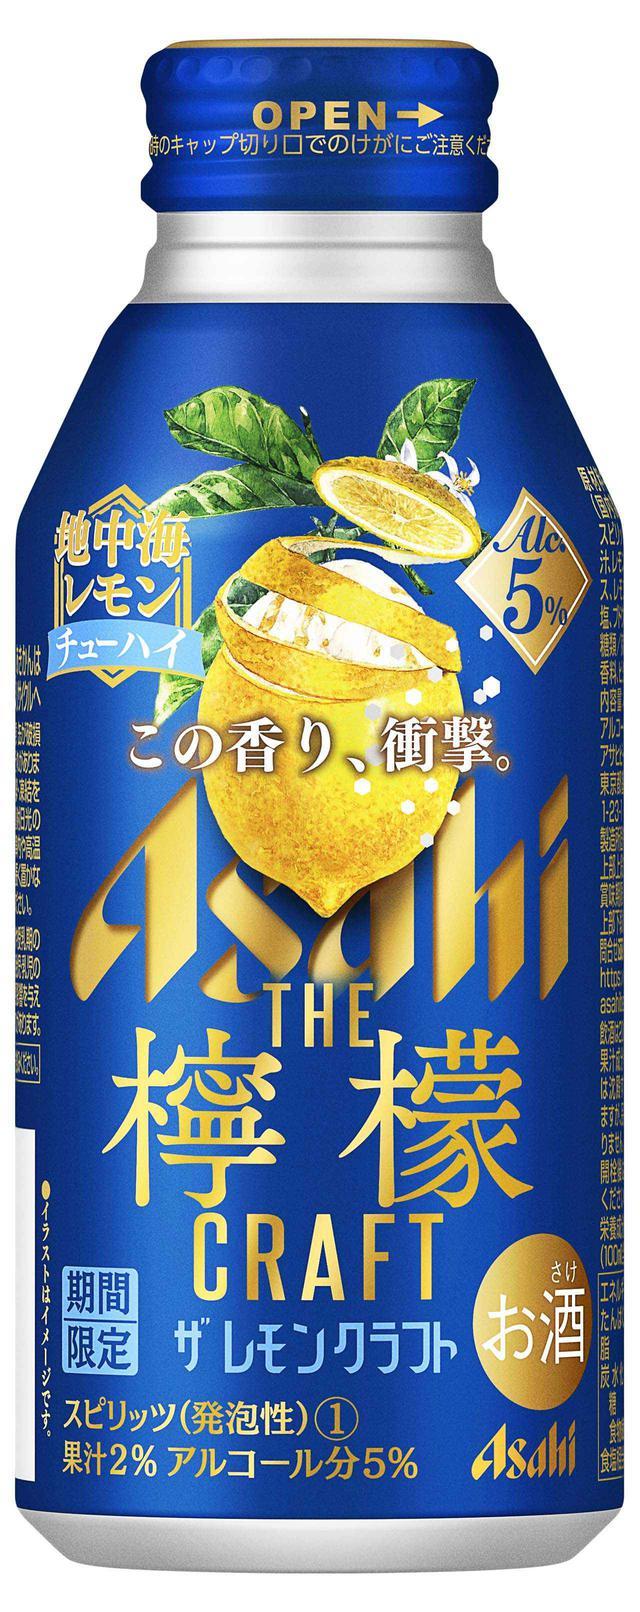 画像3: キーワードは「自然なレモン感」と「レモンにひと工夫」